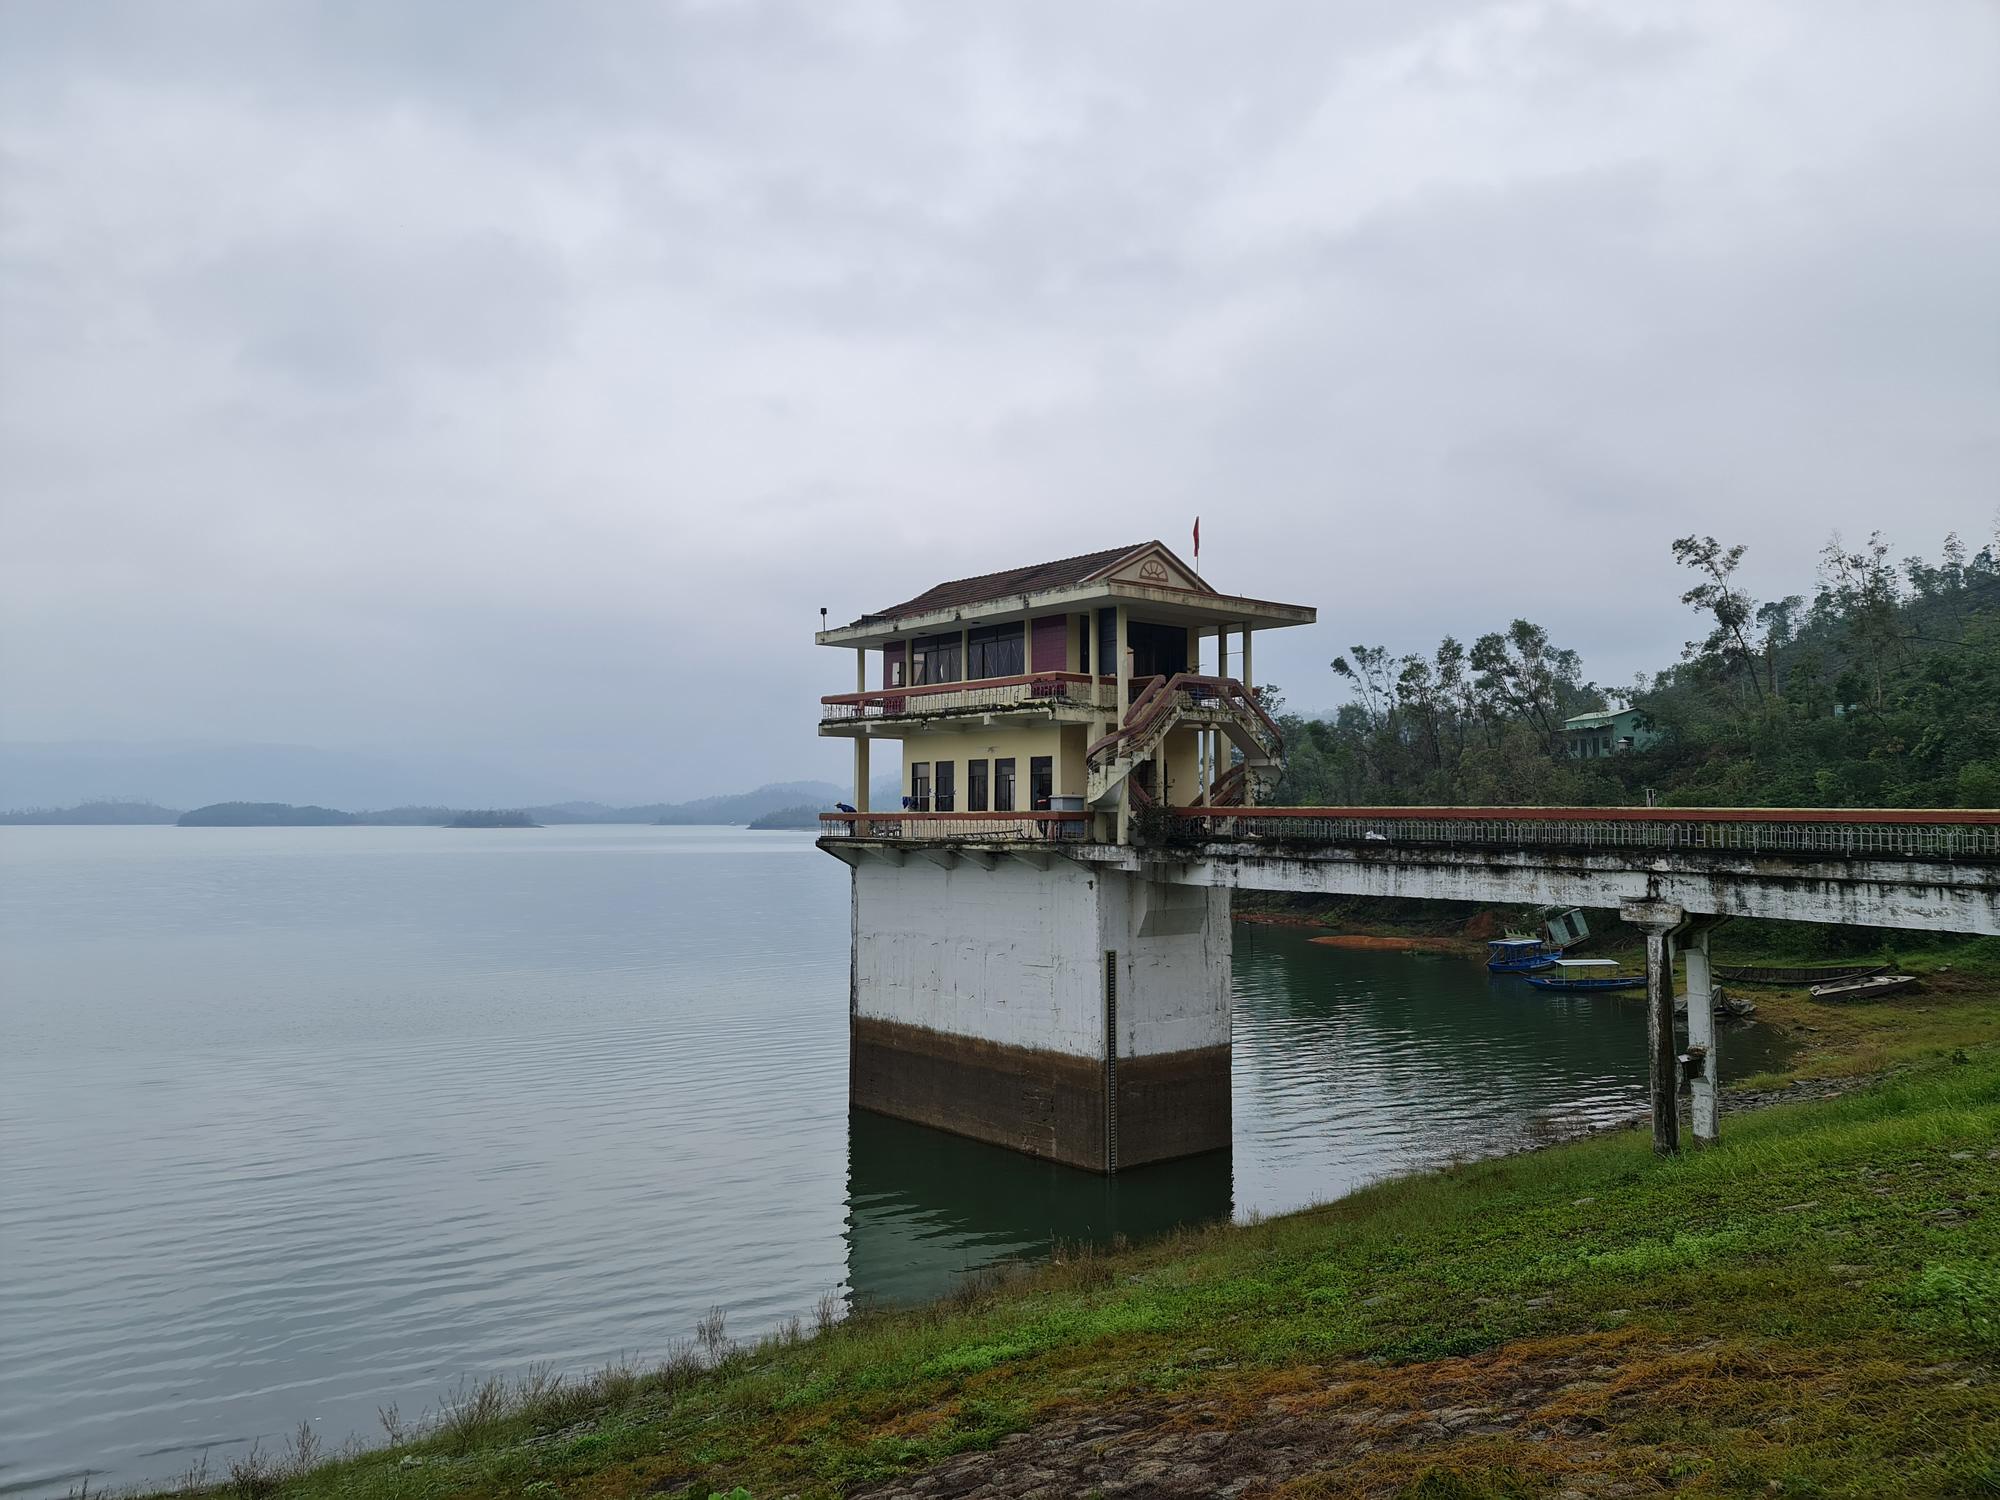 Quảng Nam: Hồ Phú Ninh an toàn, còn chứa khoảng 200 triệu mét khối nước - Ảnh 1.